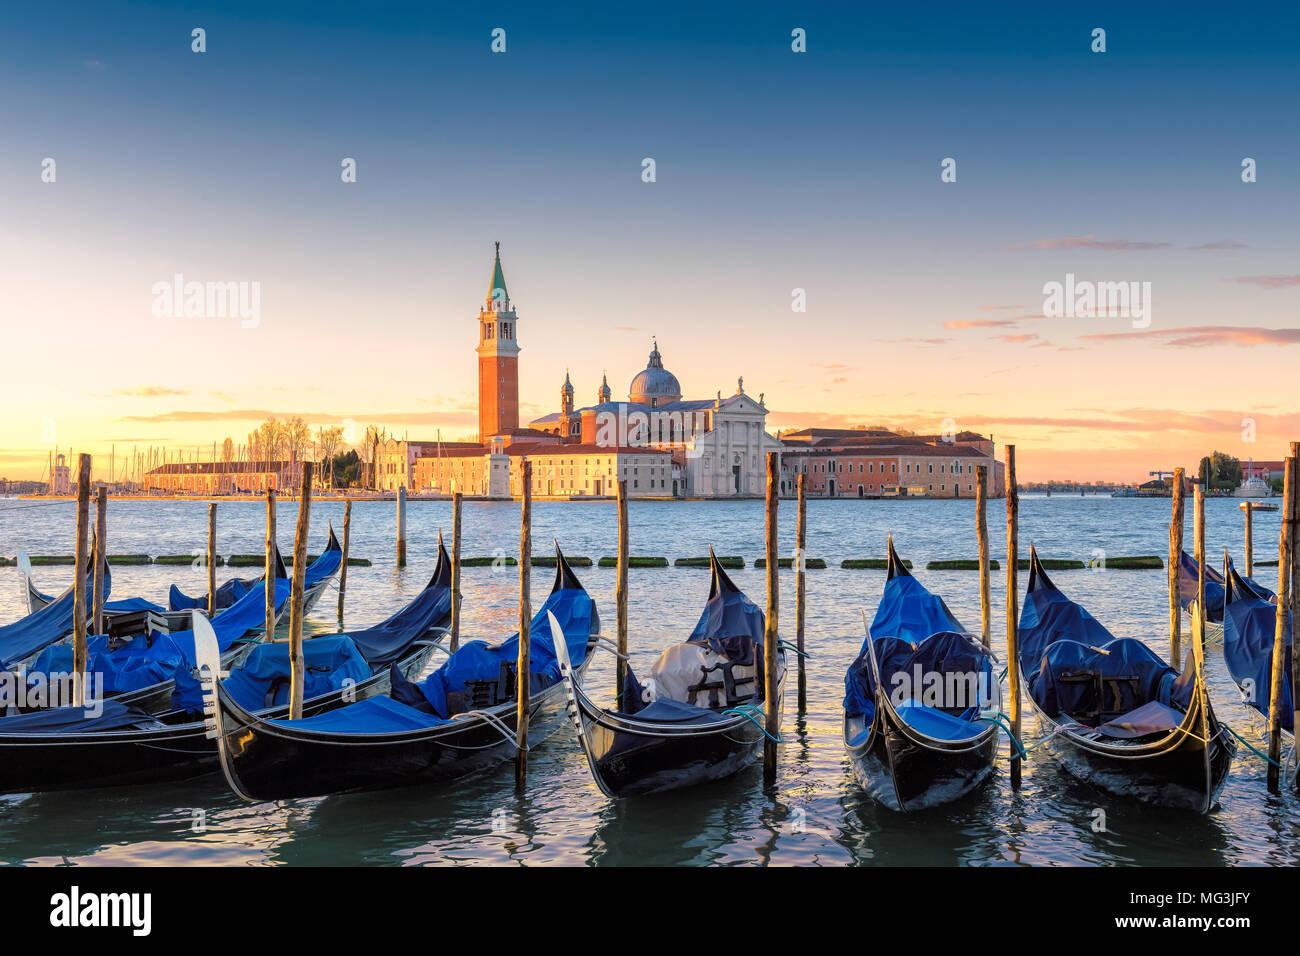 Venetian gondolas at sunrise, Venice, Italy. Stock Photo